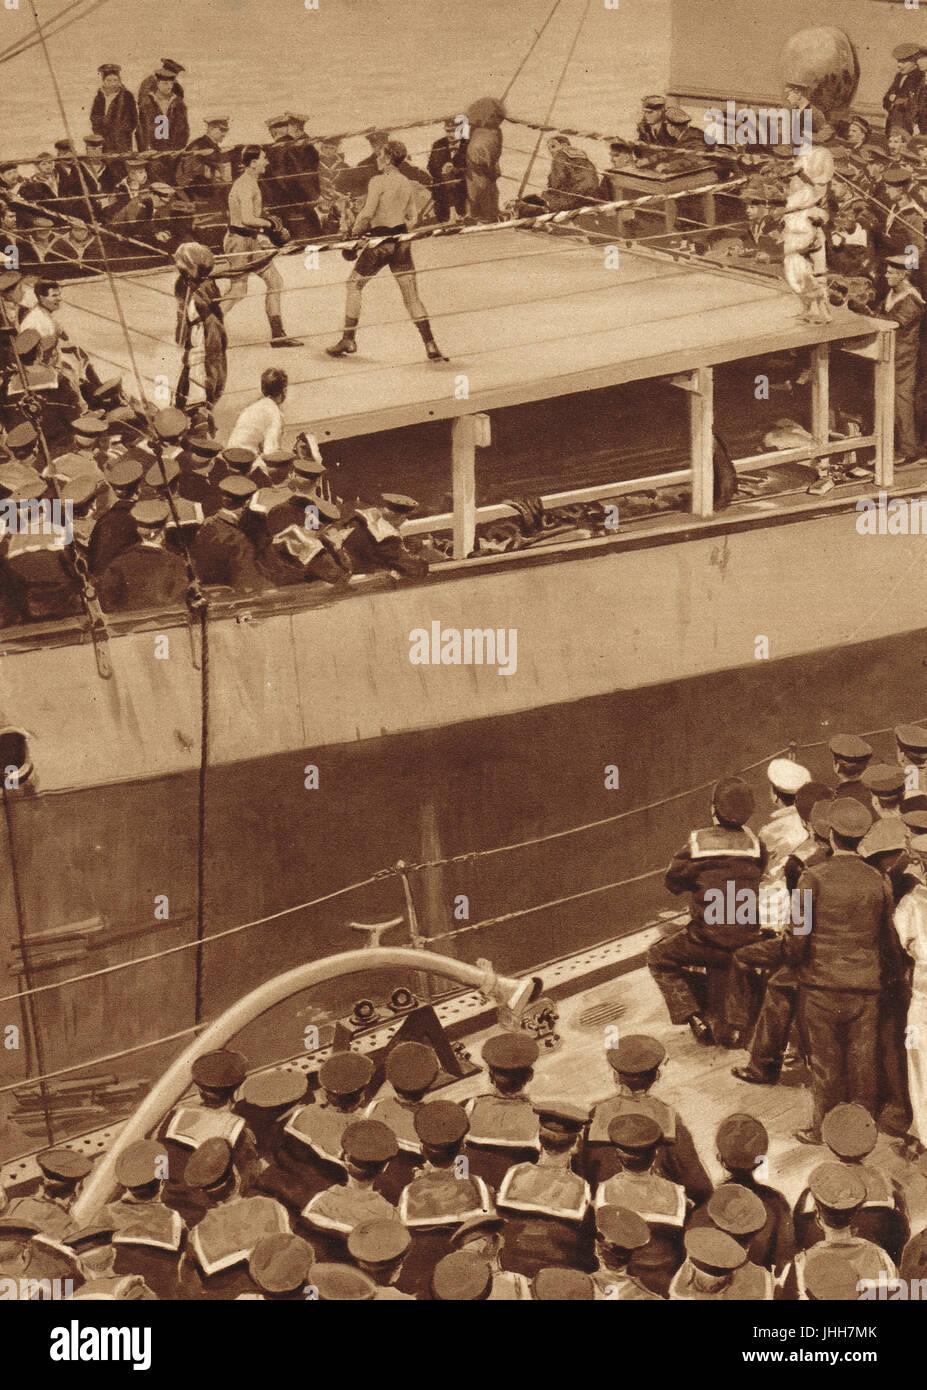 Combate de boxeo en un buque de guerra de la gran flota en WW1 Imagen De Stock